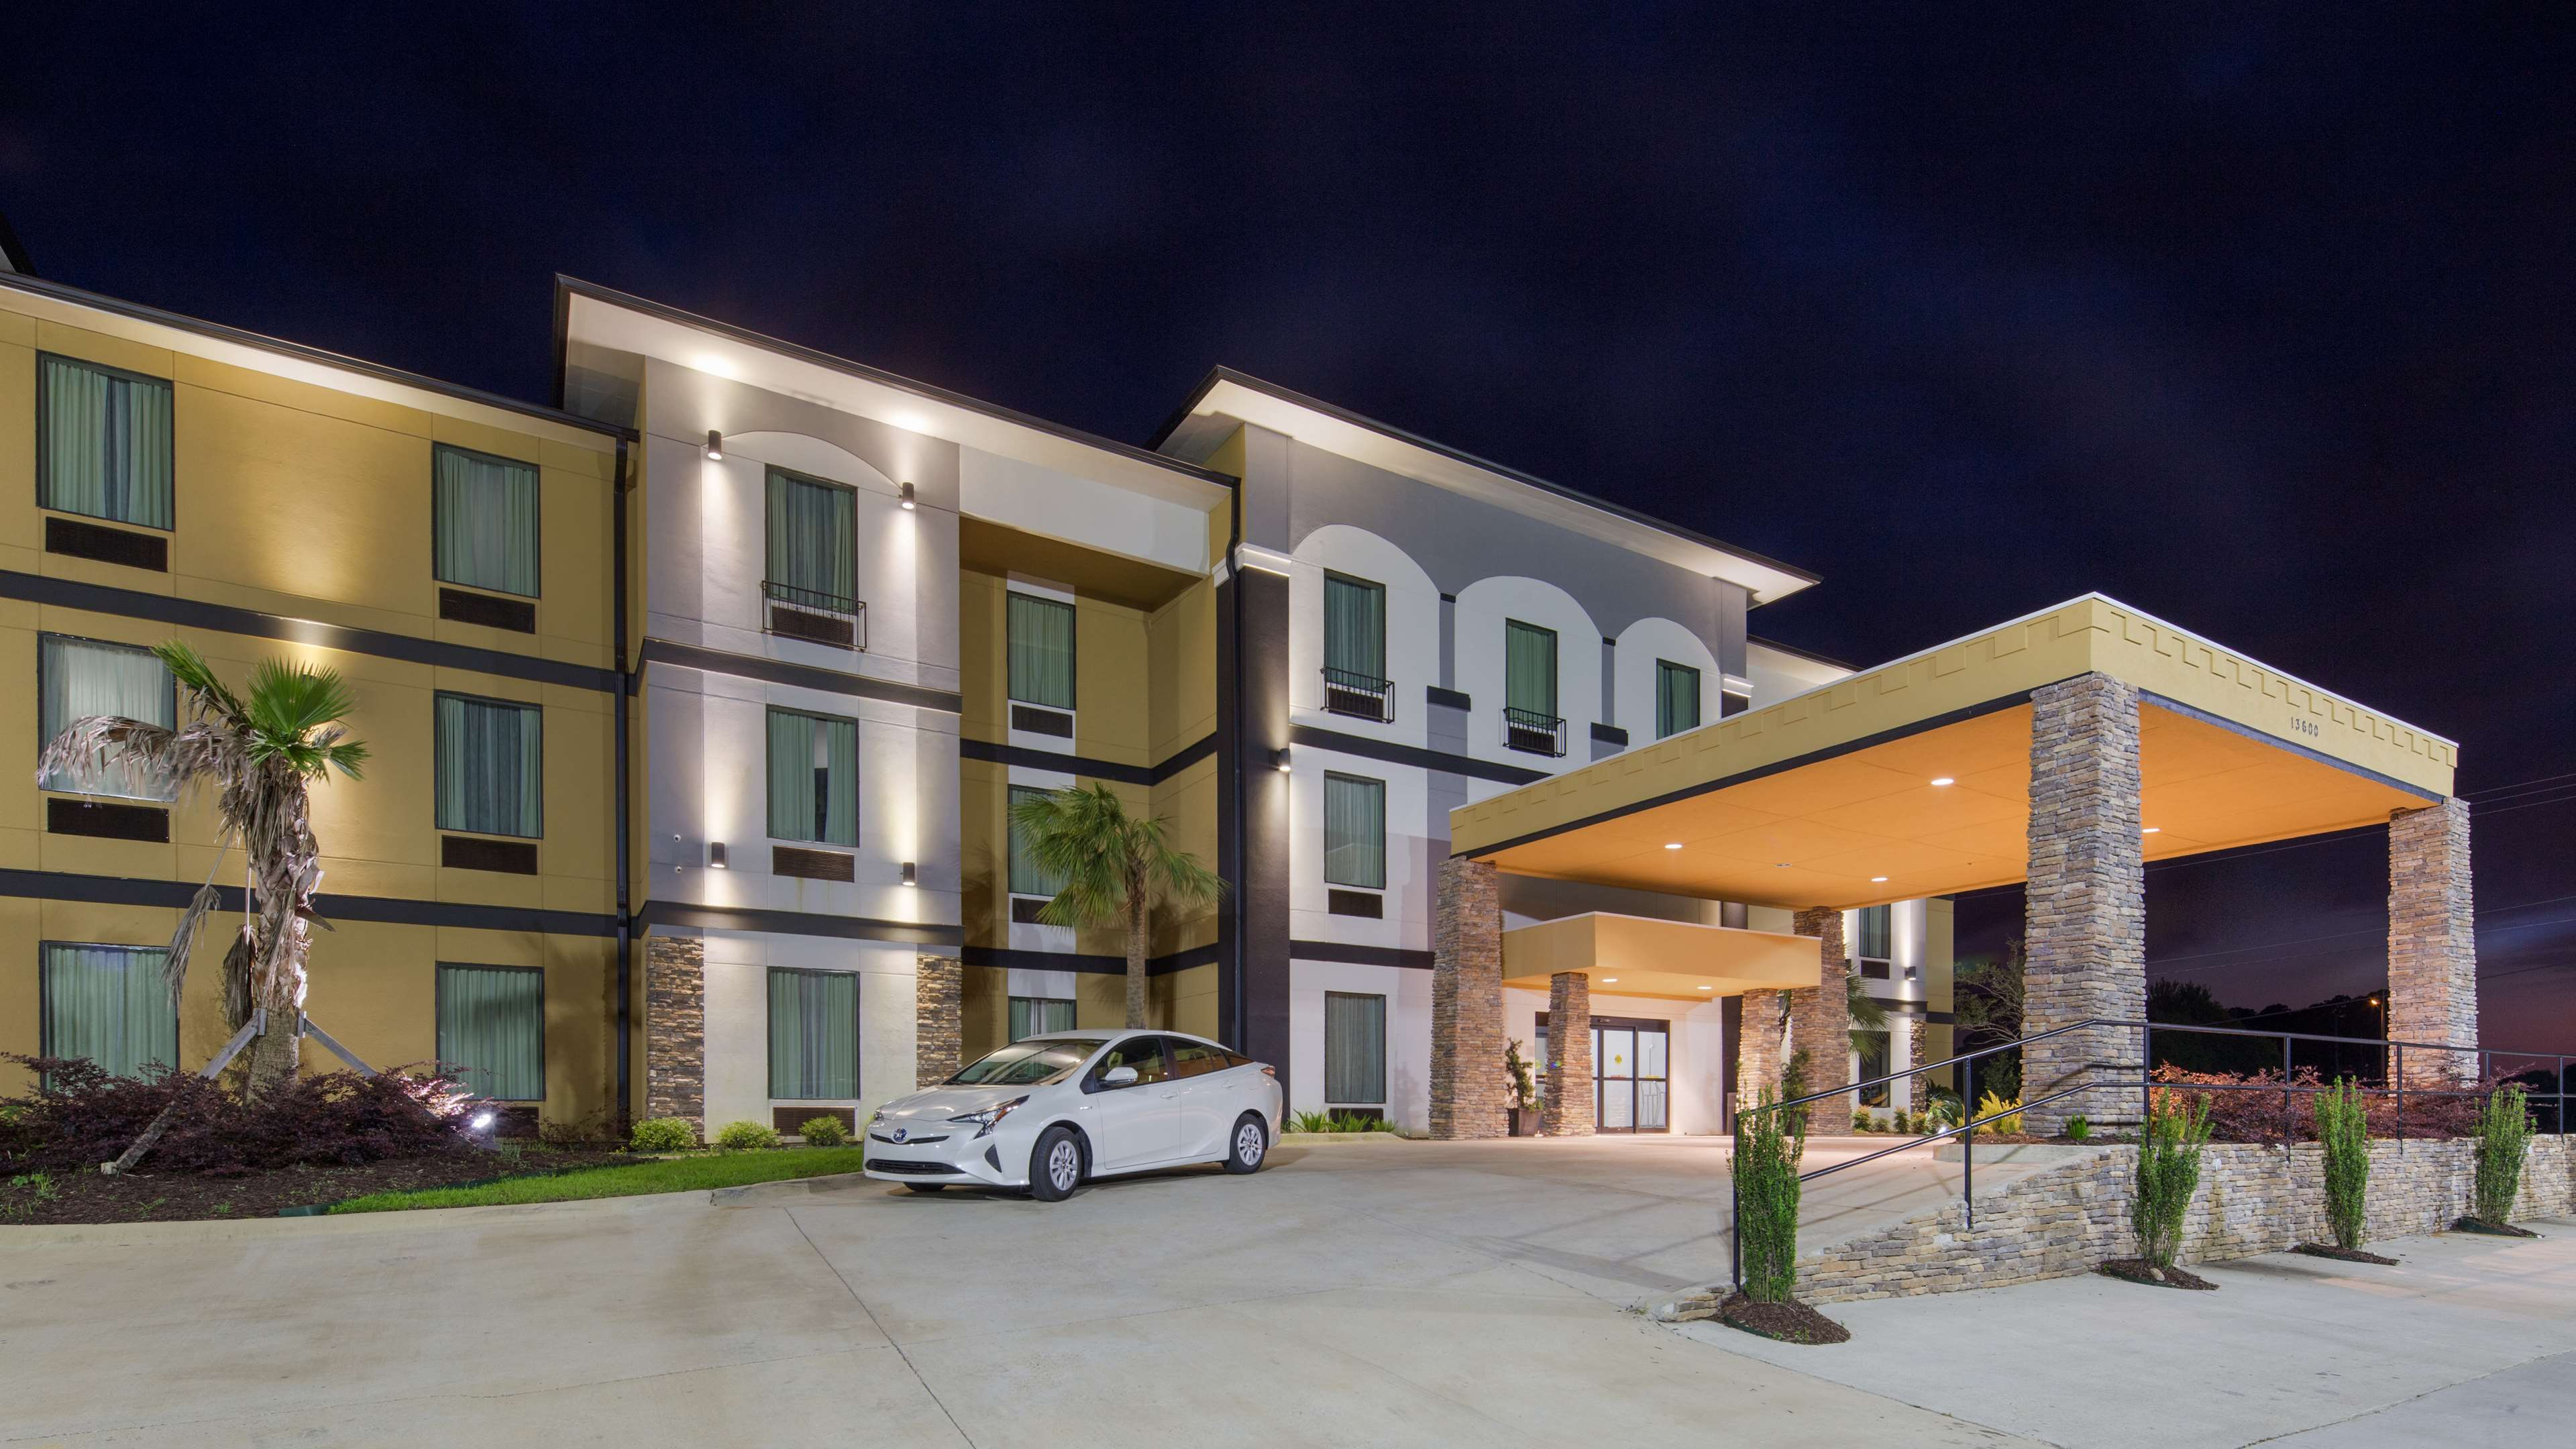 Best Western Plus Regency Park Hotel image 1